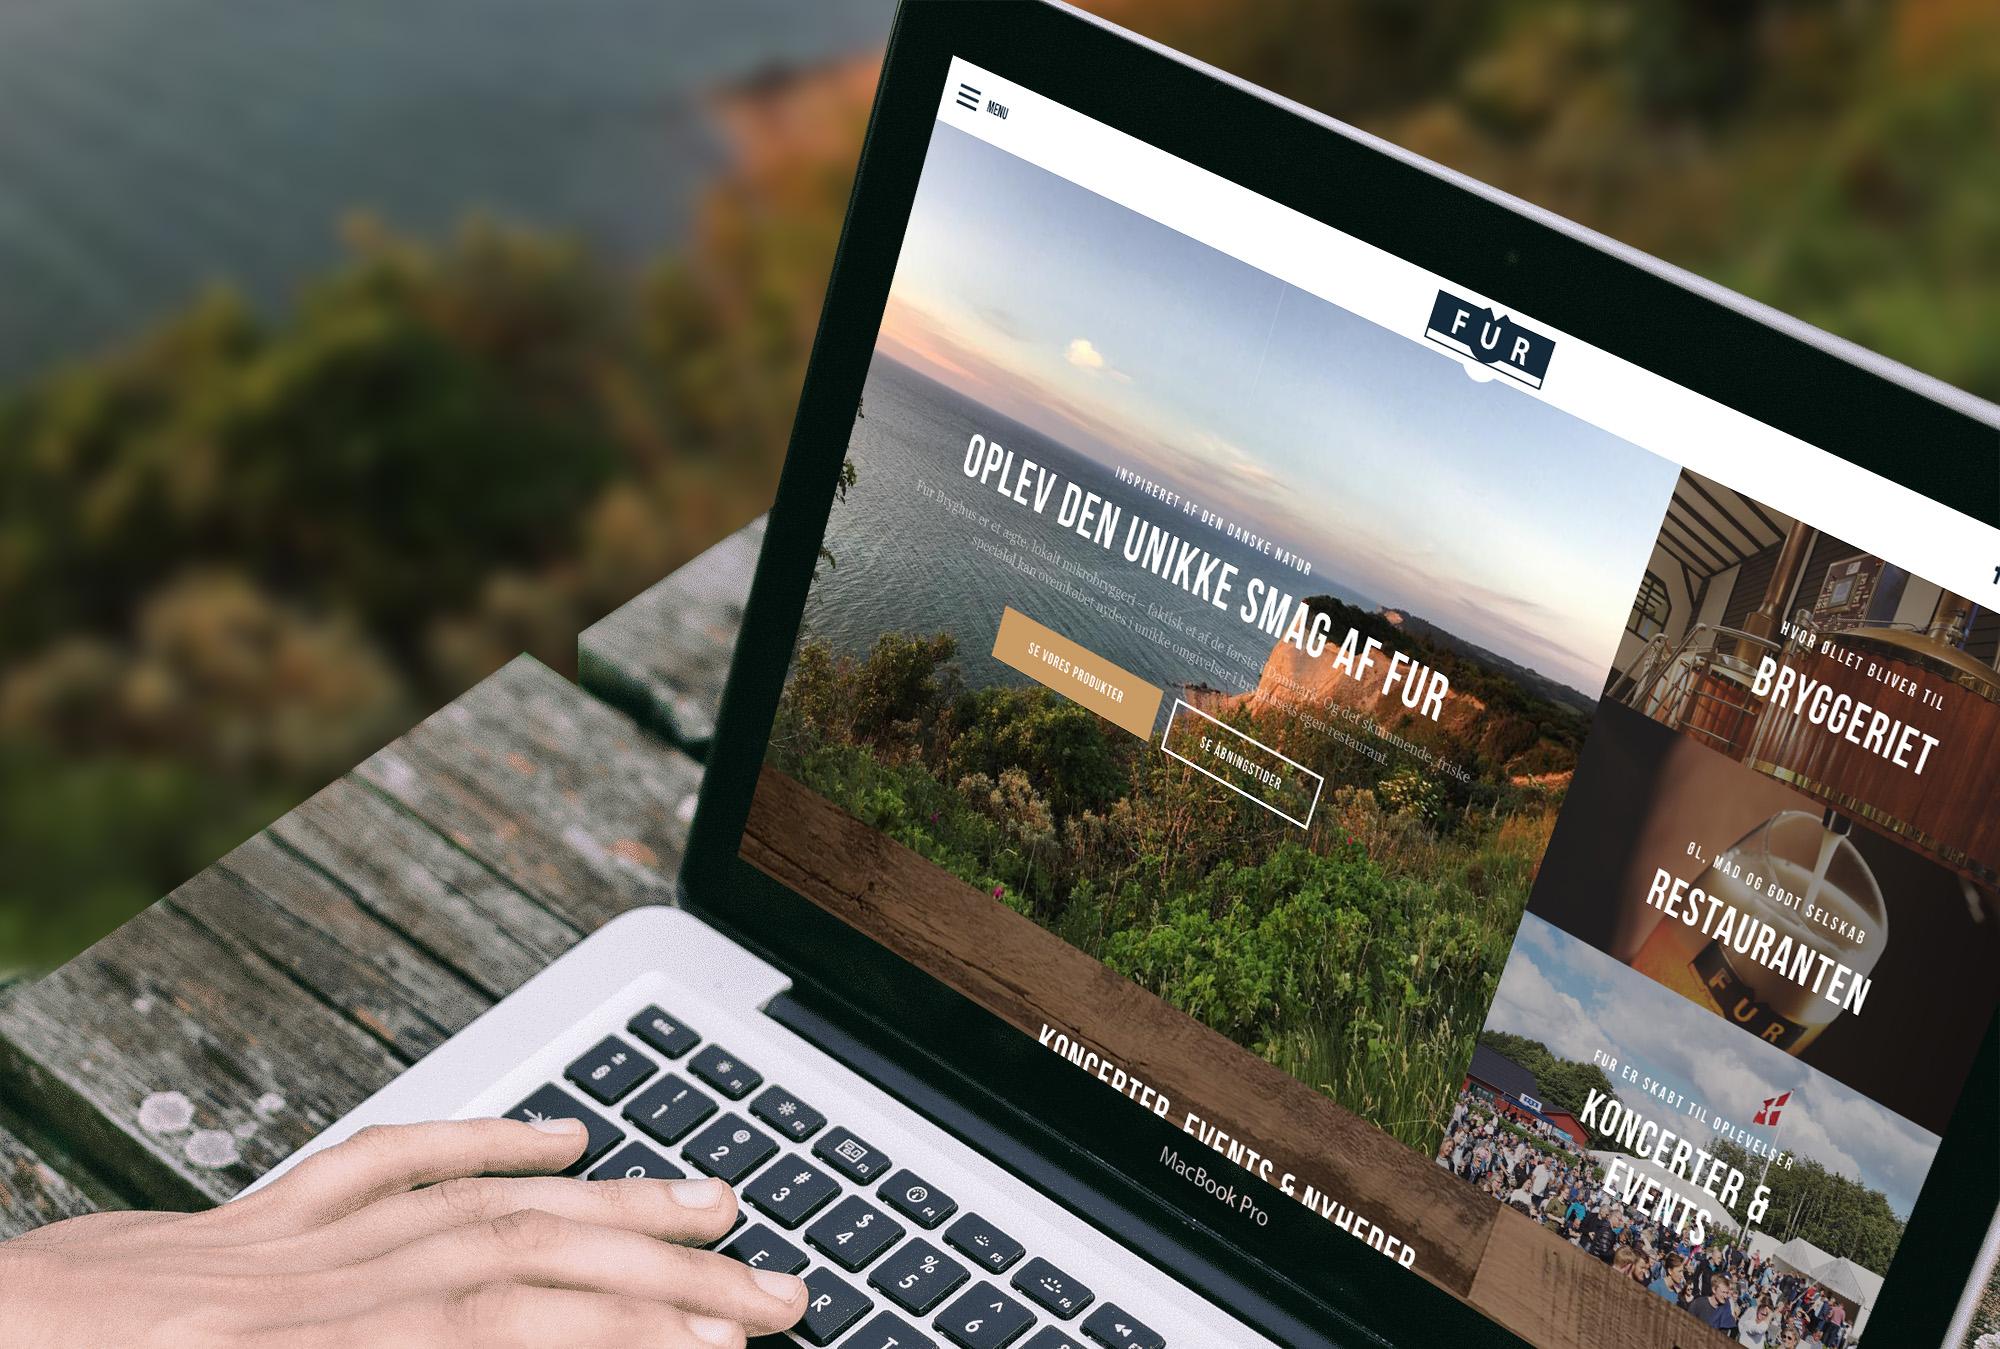 Nyt website puster liv i anerkendt bryghus.